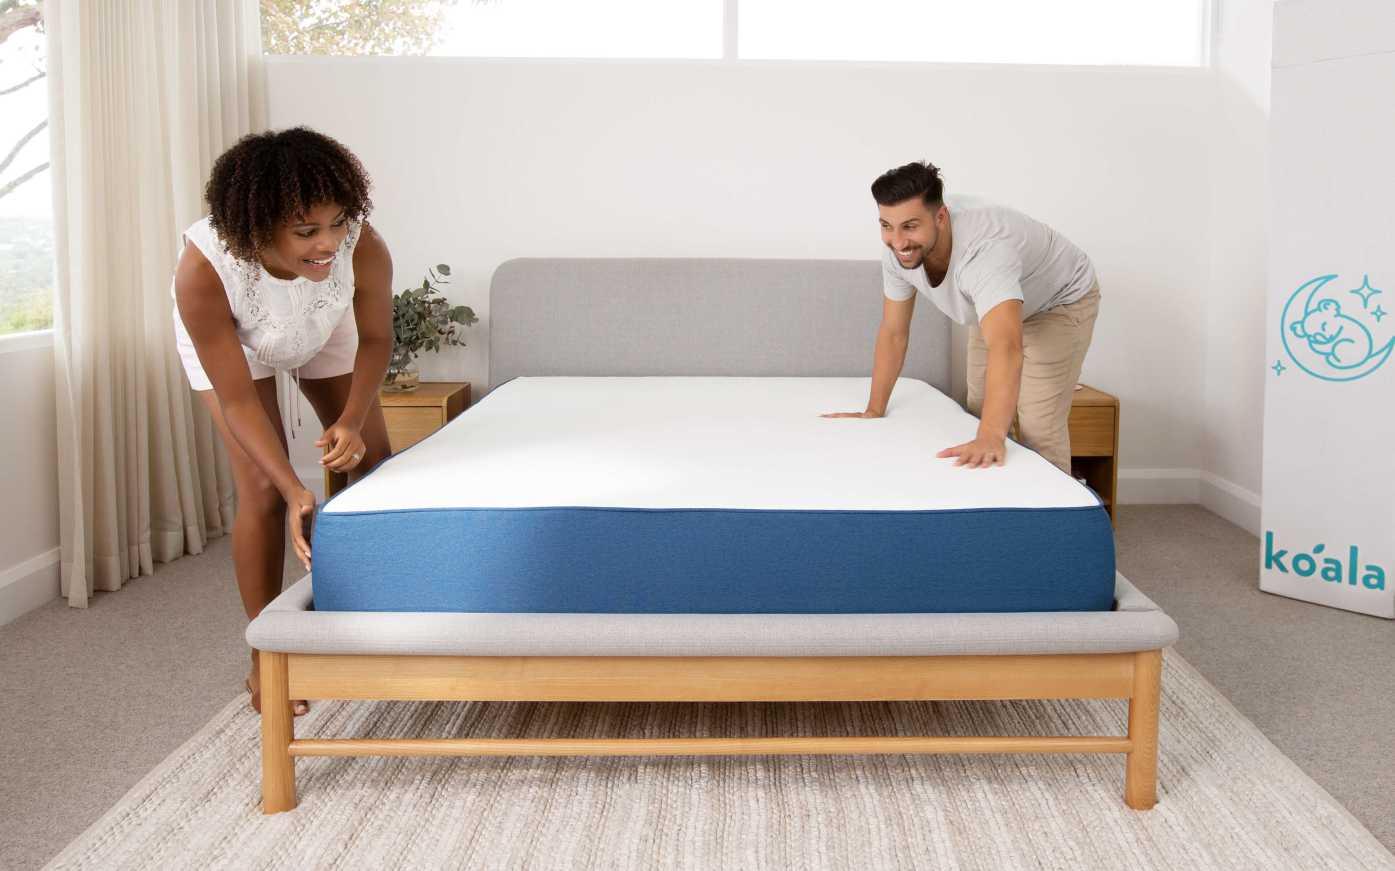 Koala Mattress - best australian Made mattress brand